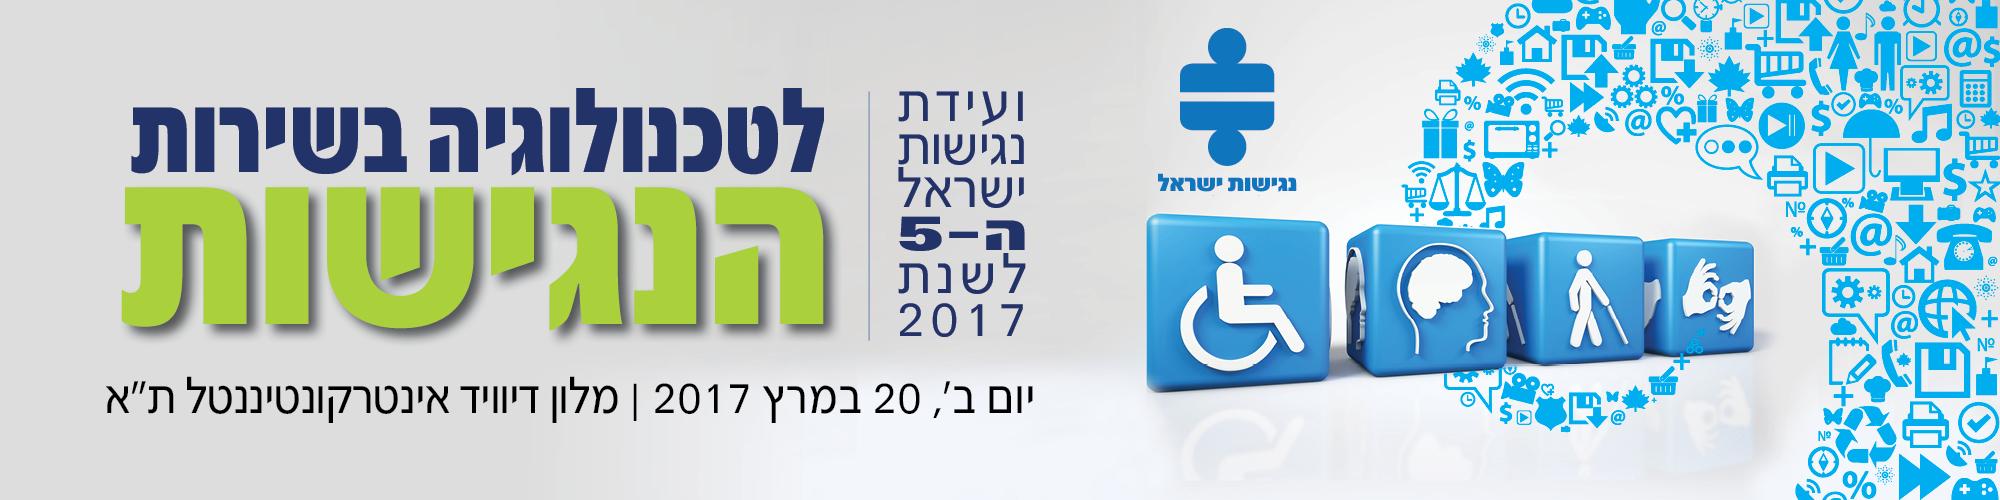 הוועידה הבינלאומית לטכנולוגיה בשירות הנגישות ACCESS ISRAEL 2017 banner